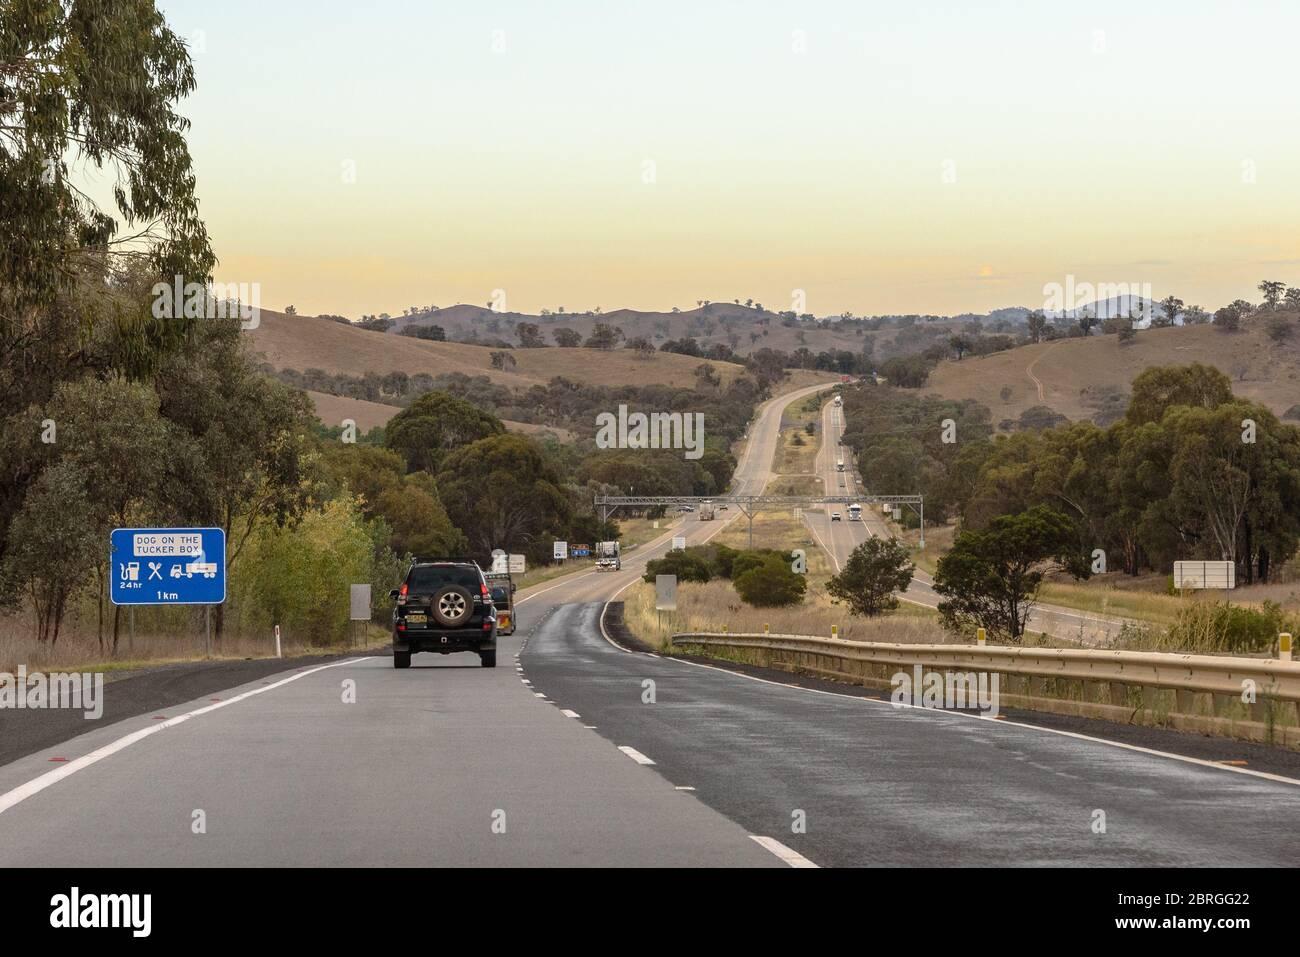 M31 motorway